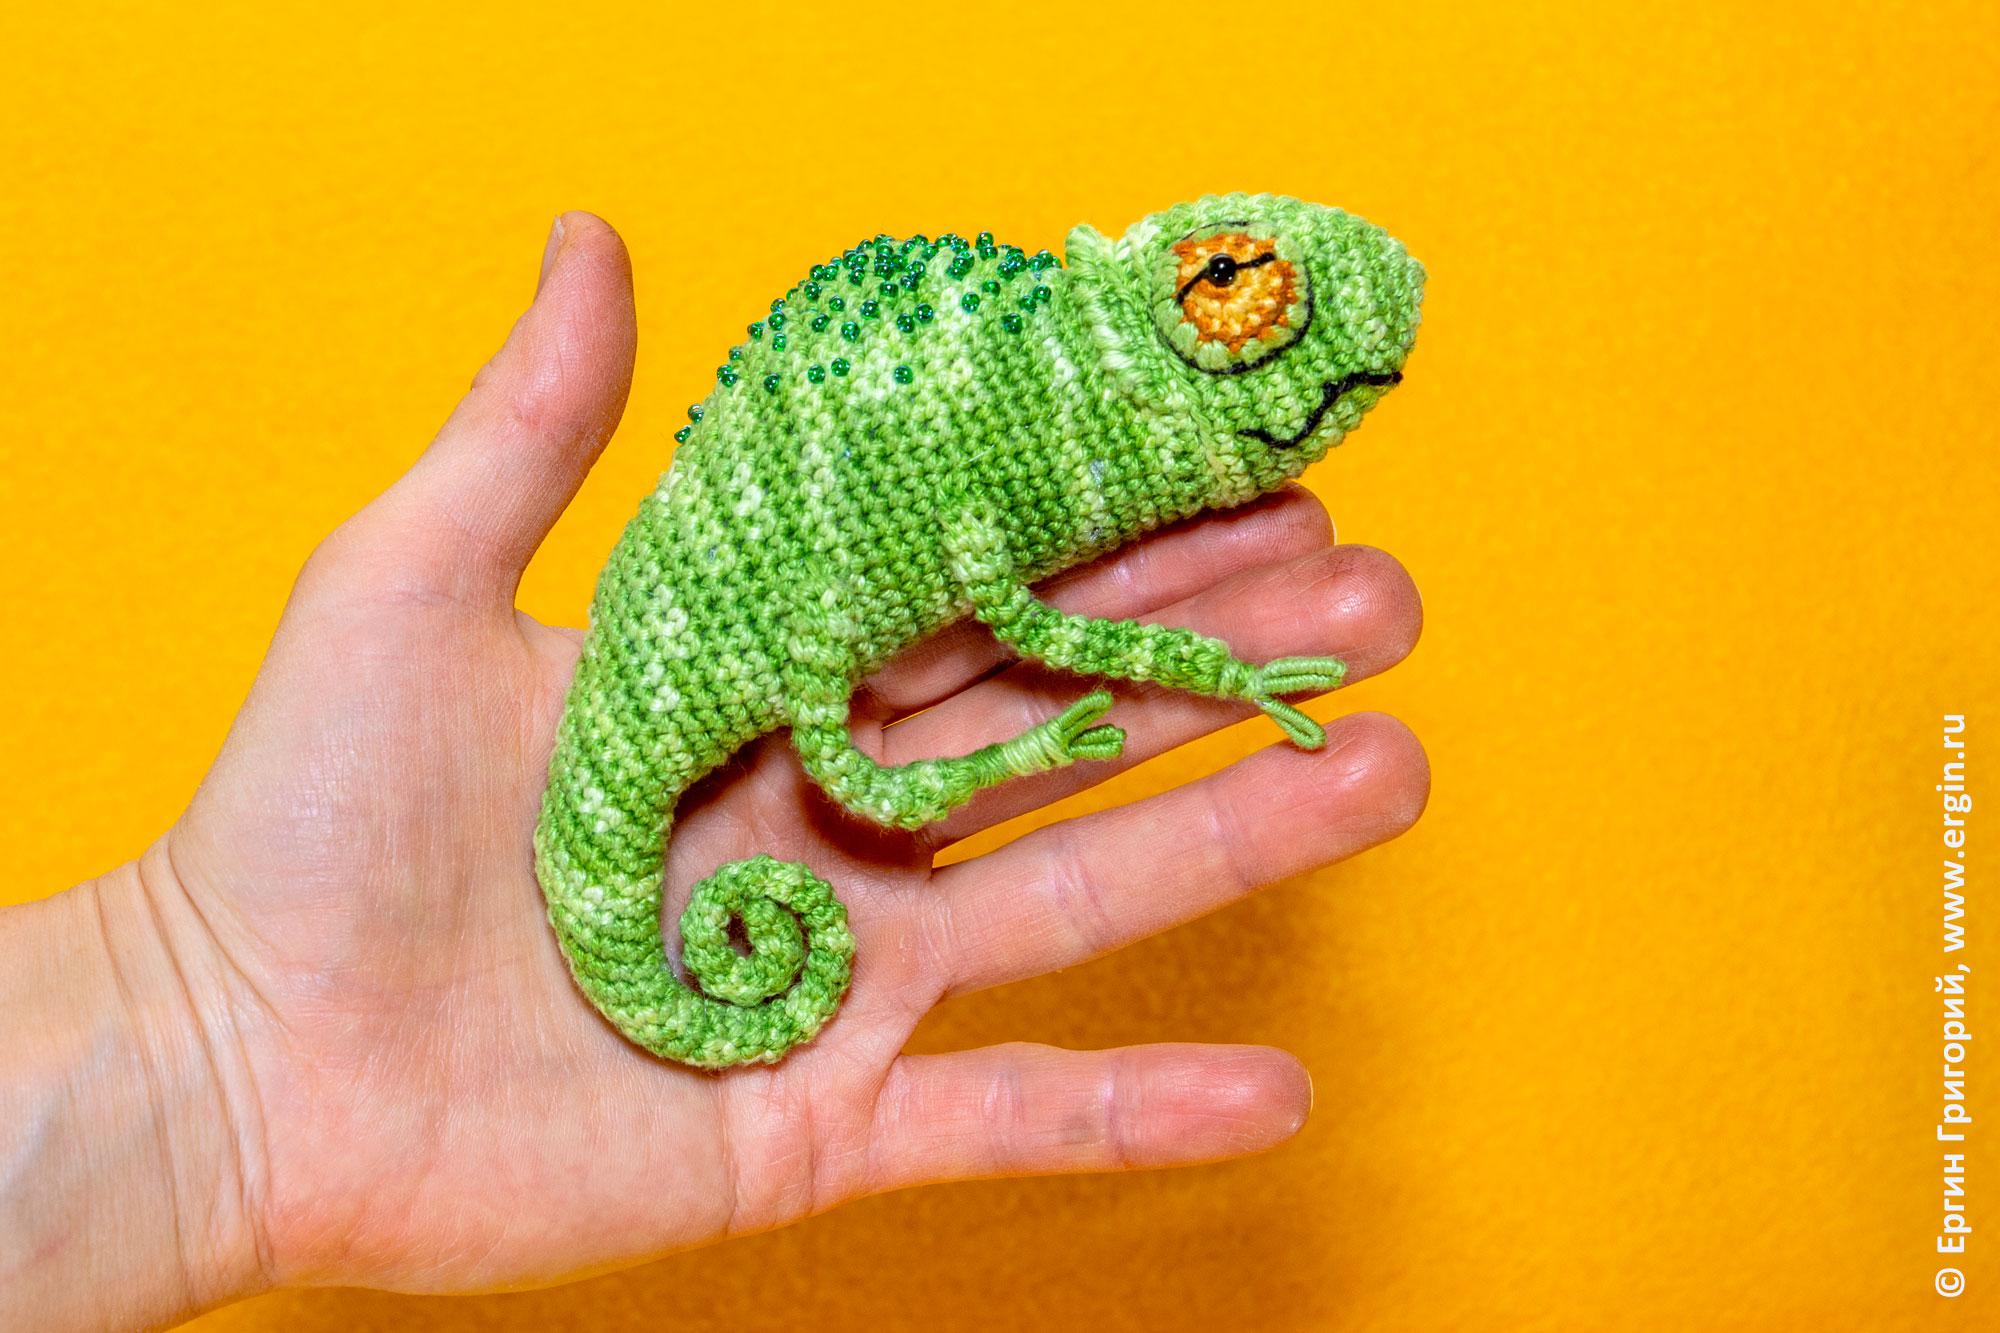 Рукодельный хамелеон сидит на руке